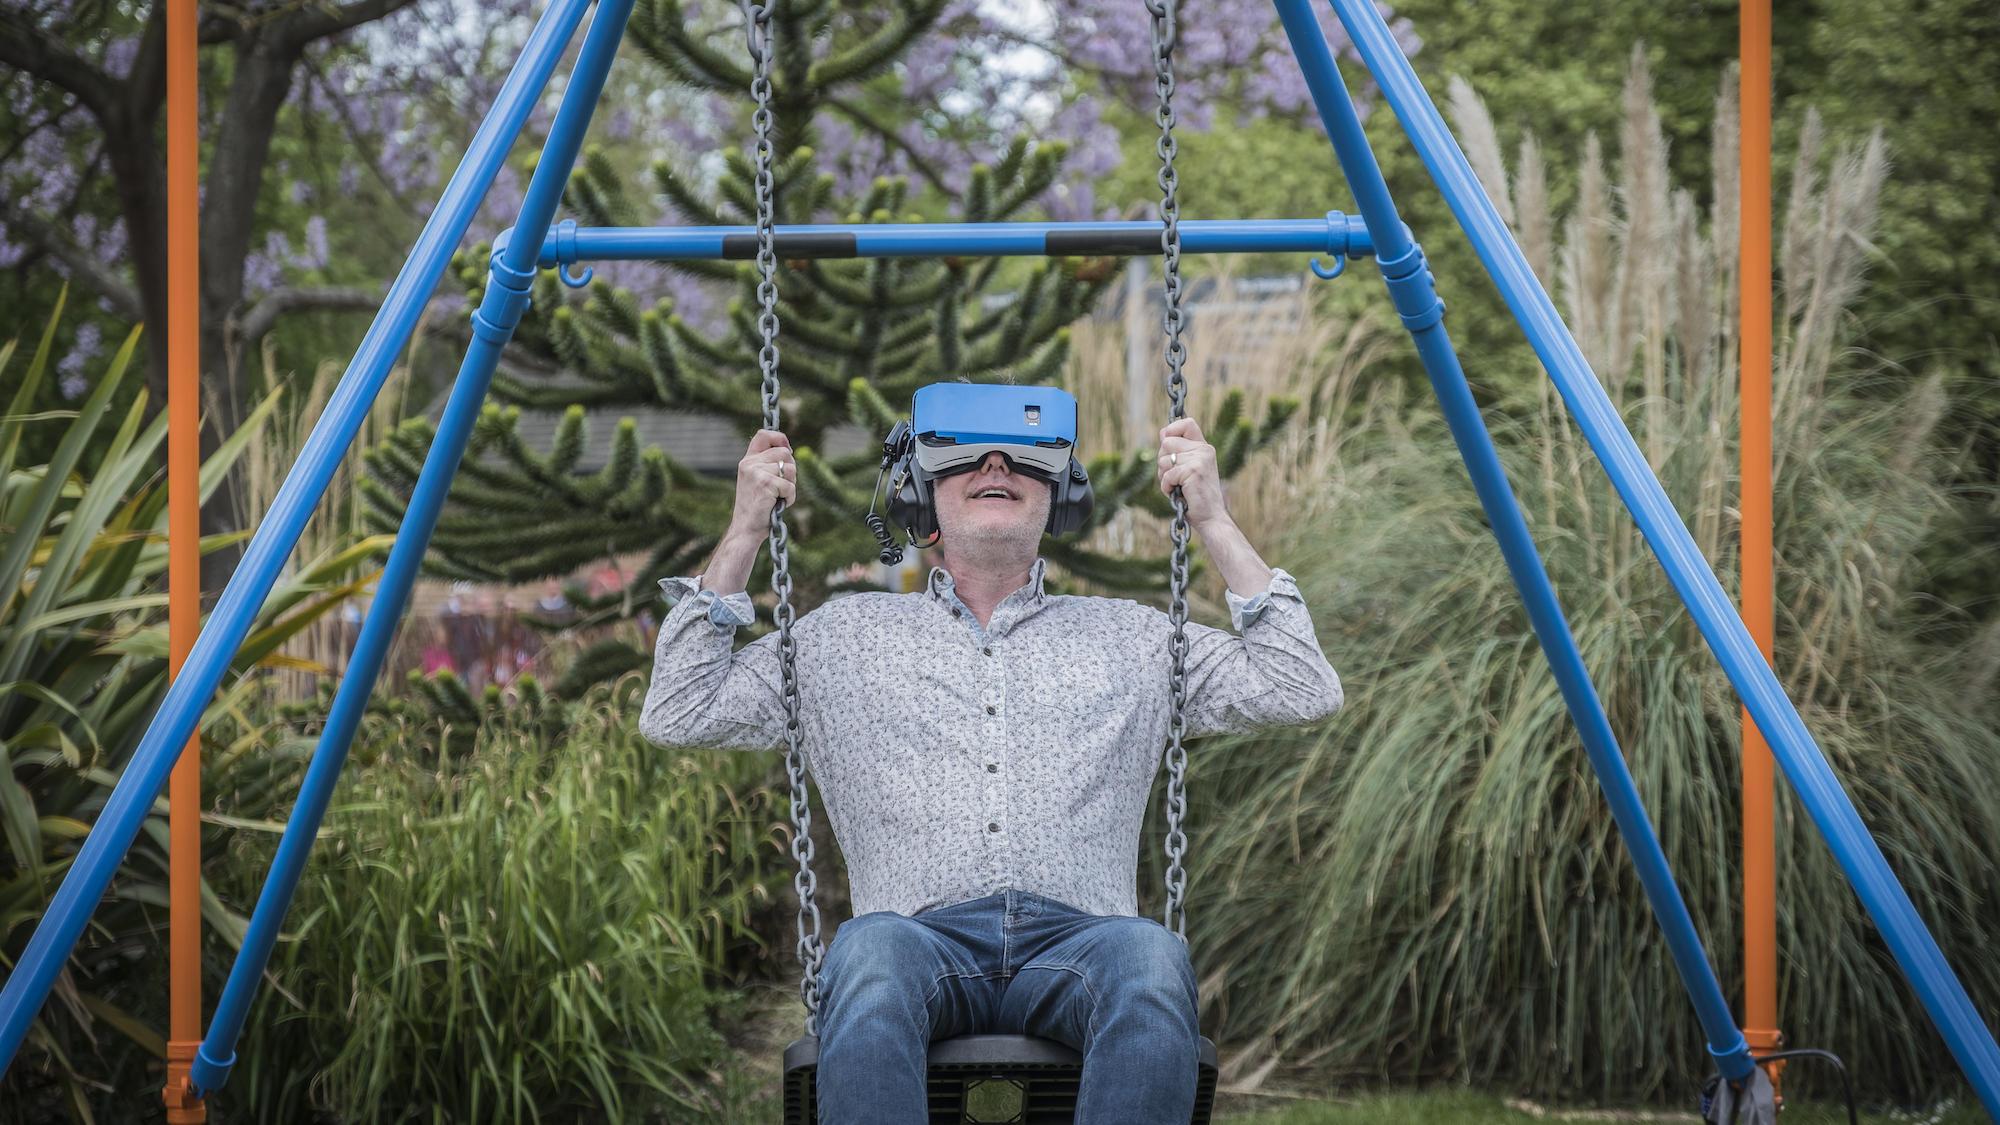 Thrill Laboratory - VR Playground @ Norfolk & Norwich Festival 2017 © Dobs McCallum